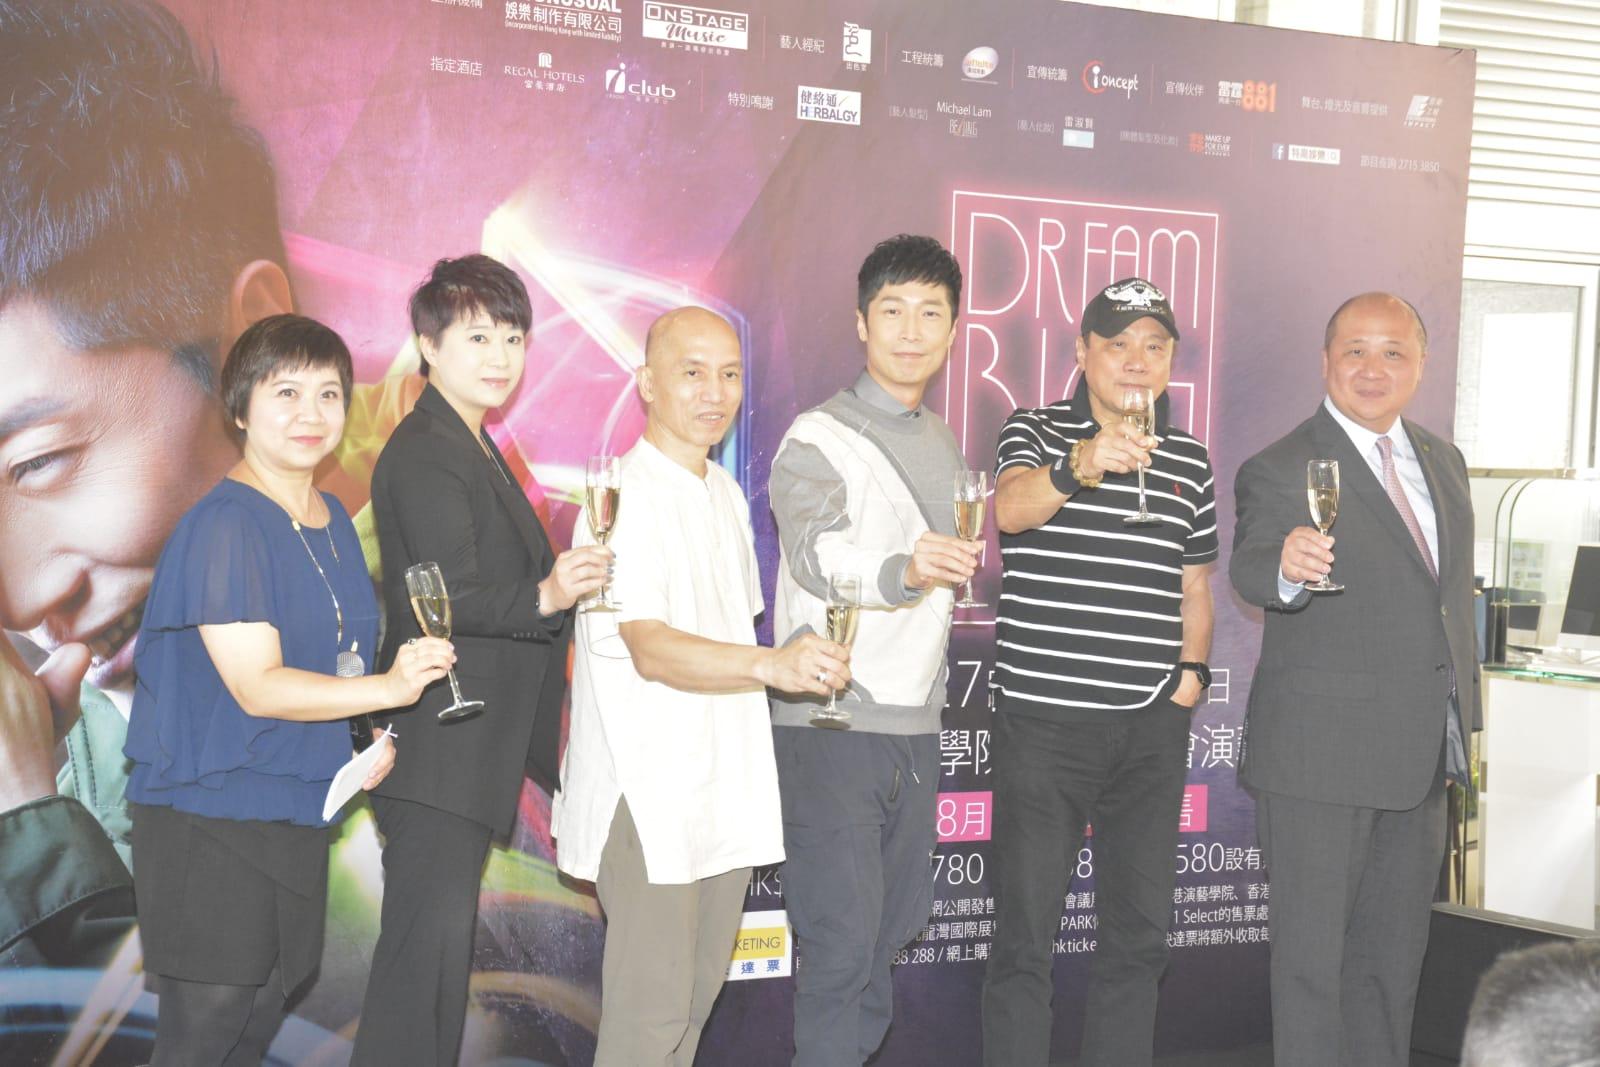 馬浚偉將於10月舉行演唱會。